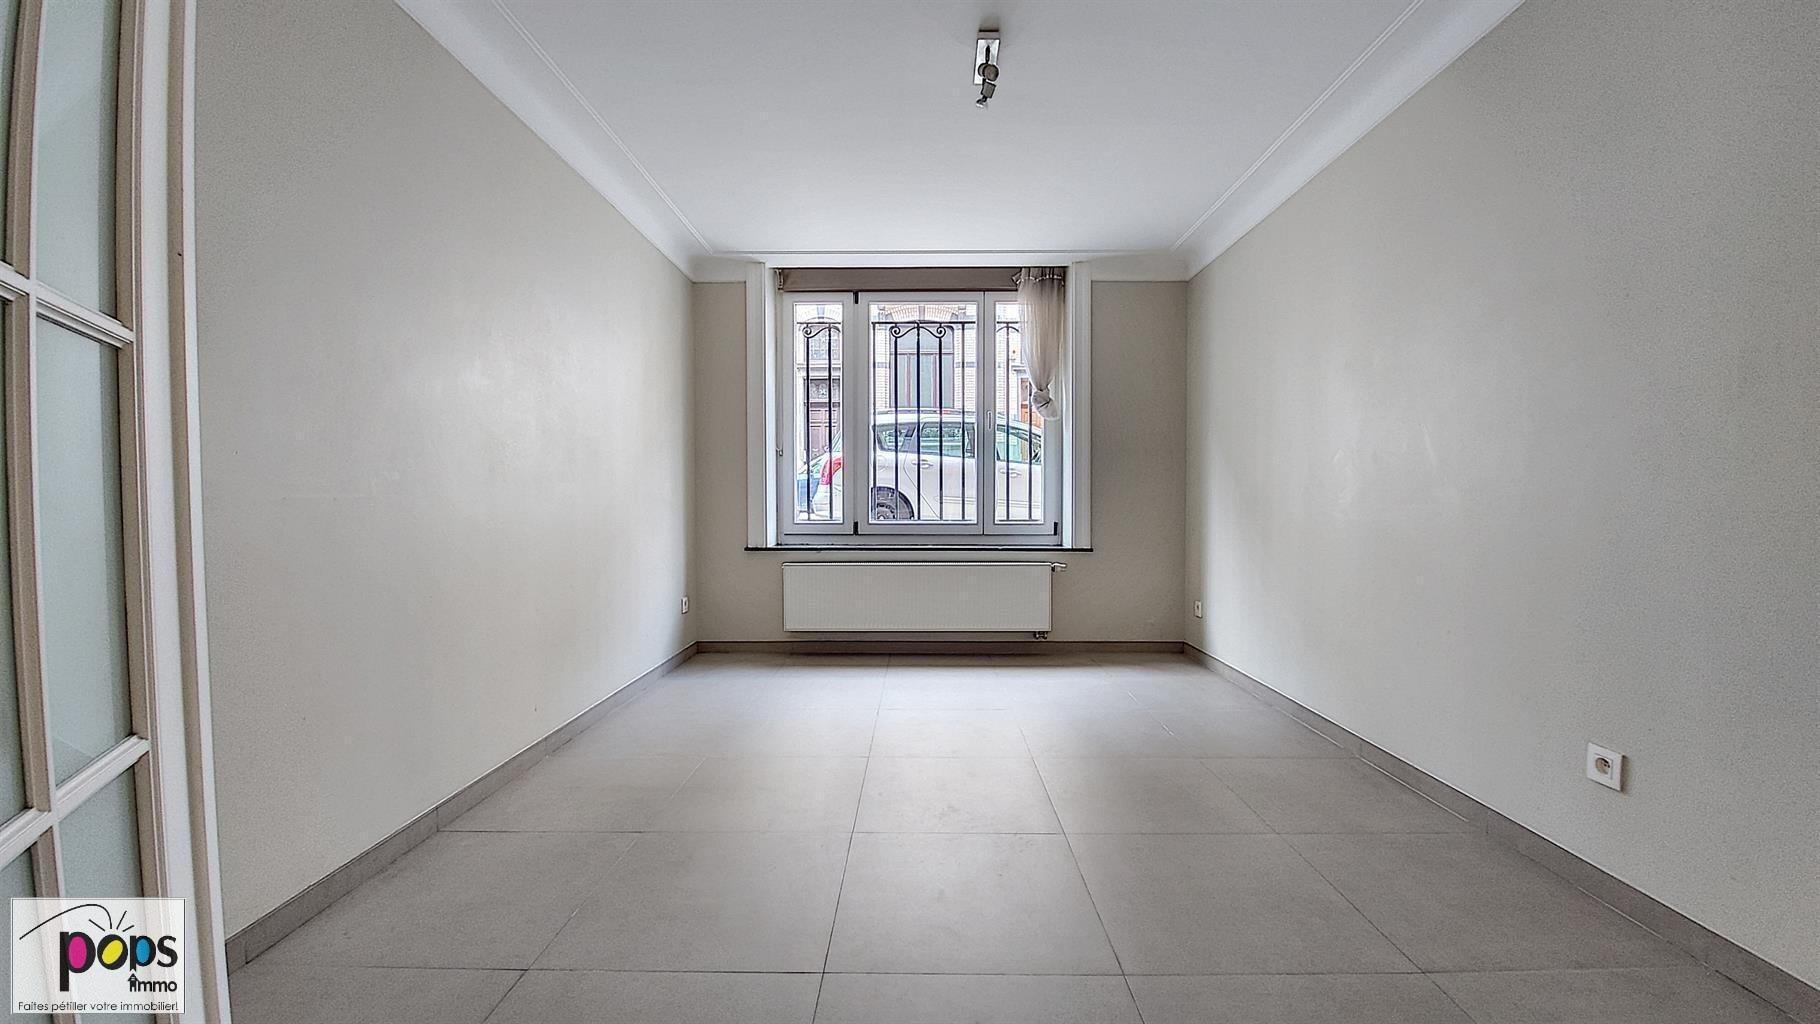 Appartement - Ixelles - #4388996-12